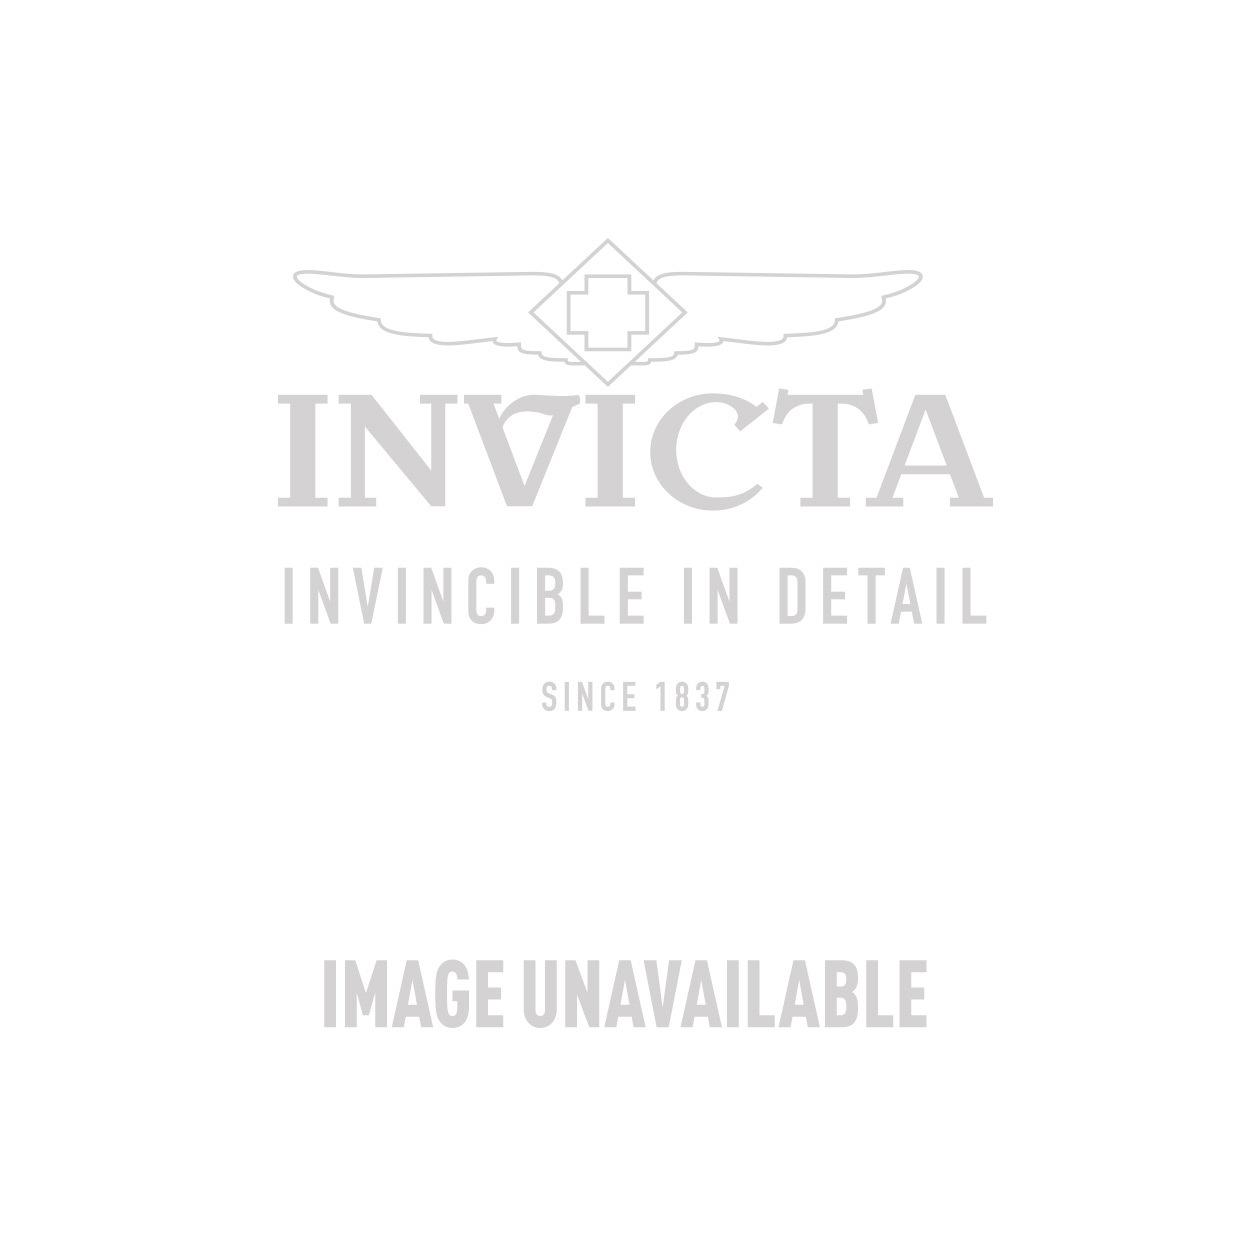 Invicta Model 25671